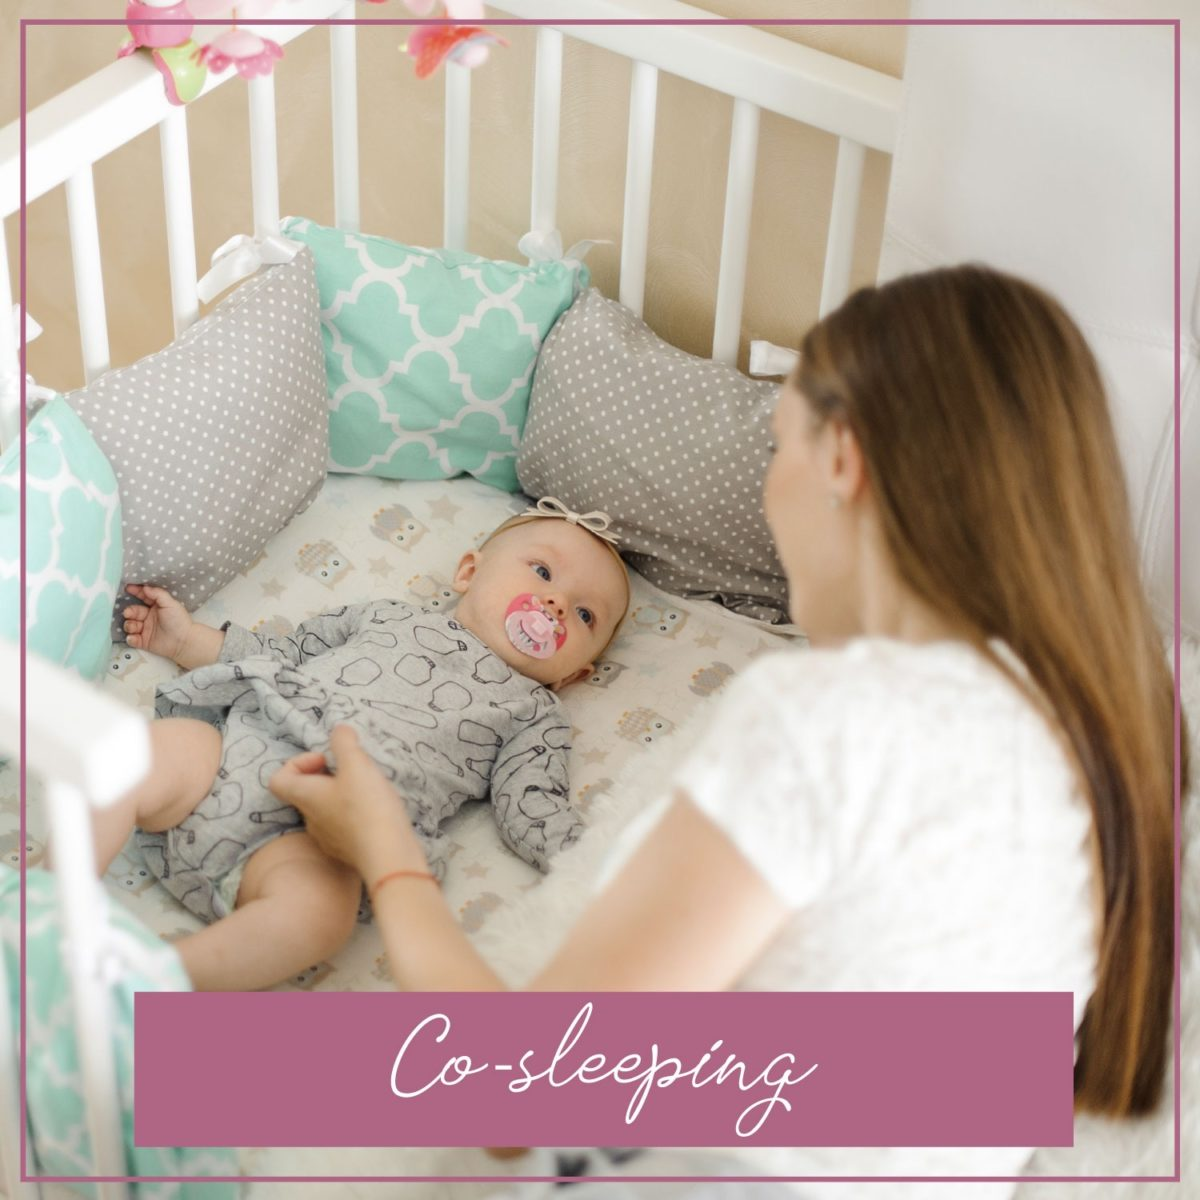 cosleeping-consigli-B-Woman-1200x1200.jpg